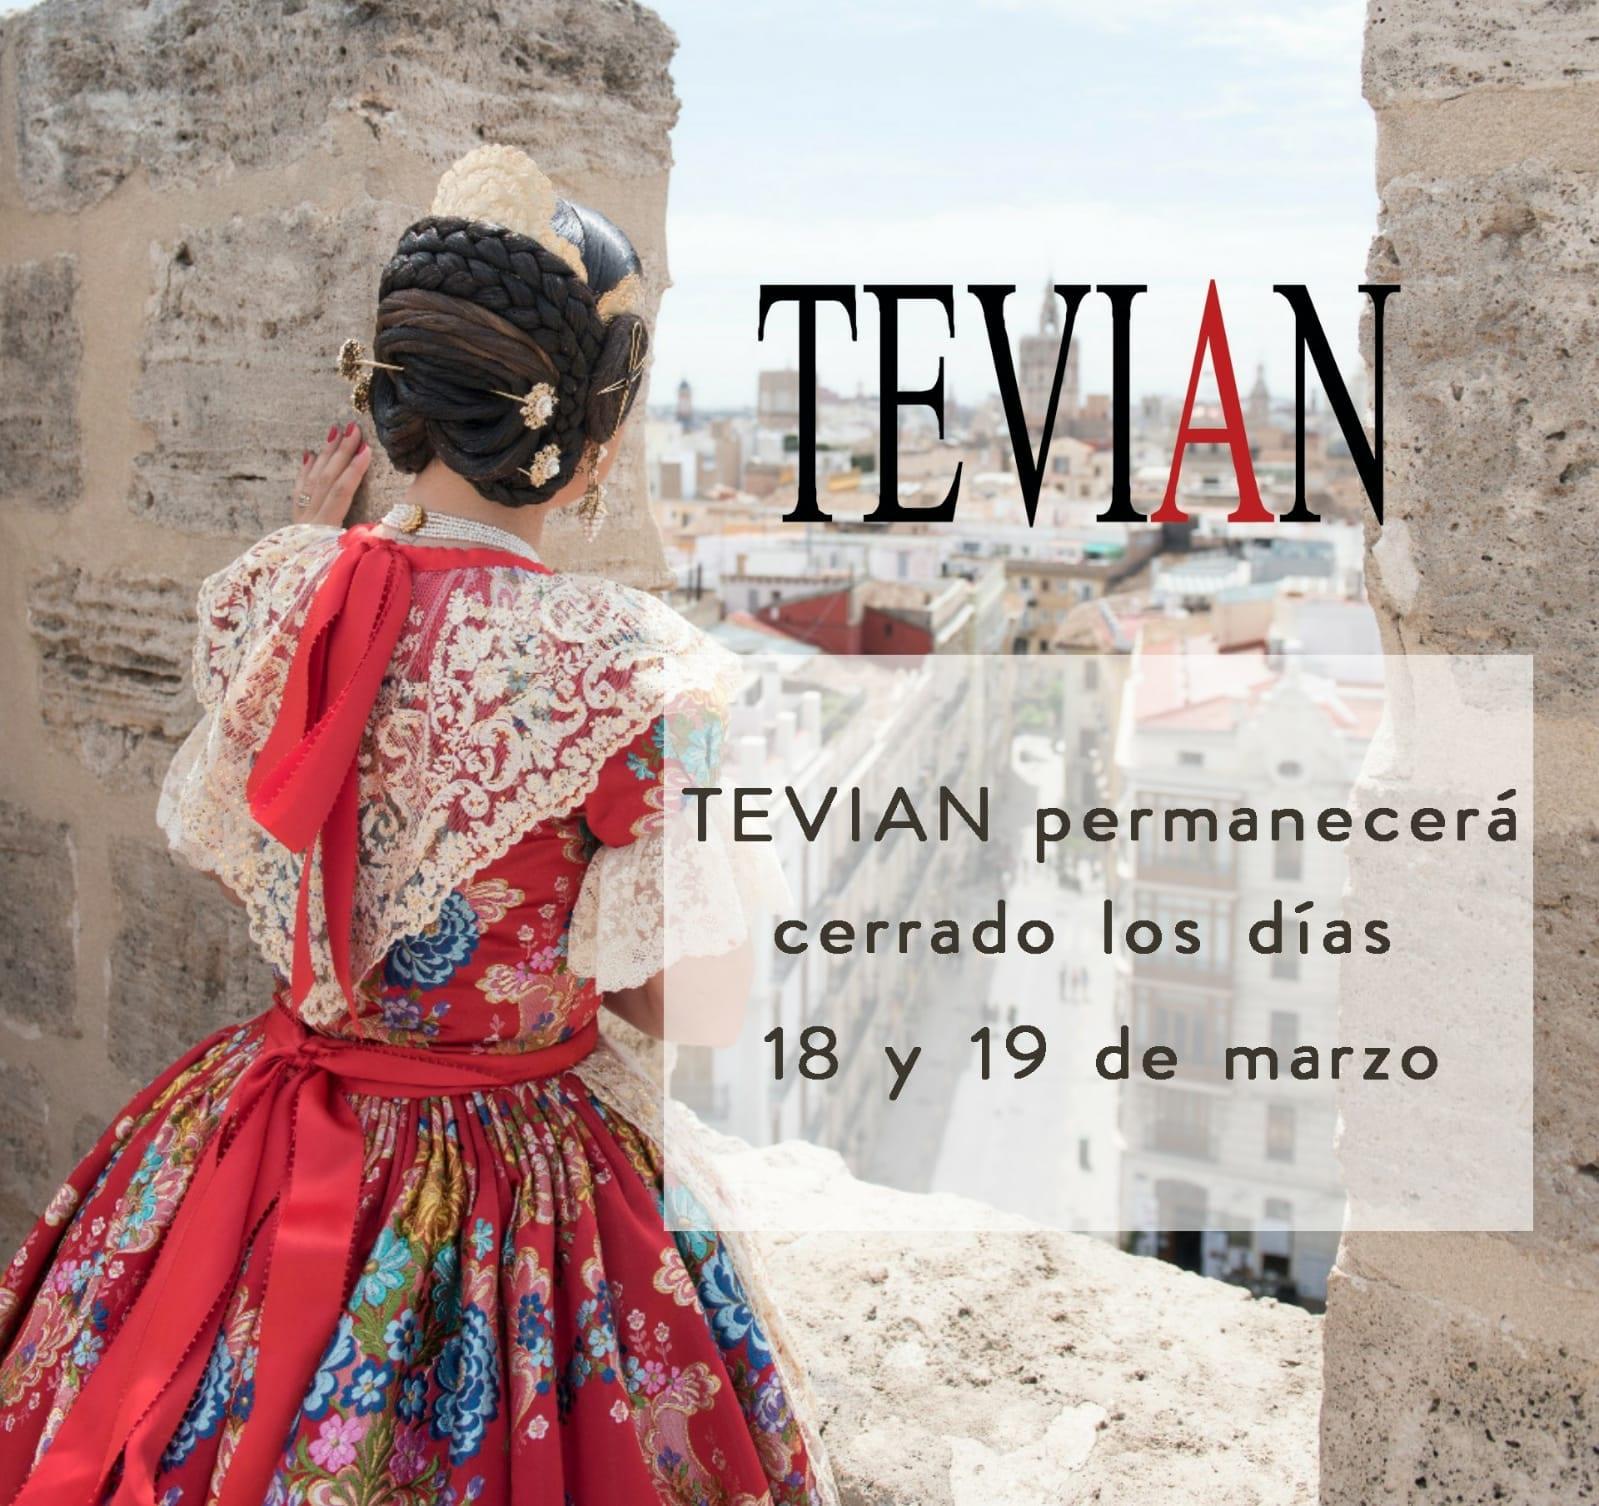 Tevian Cierra en Fallas